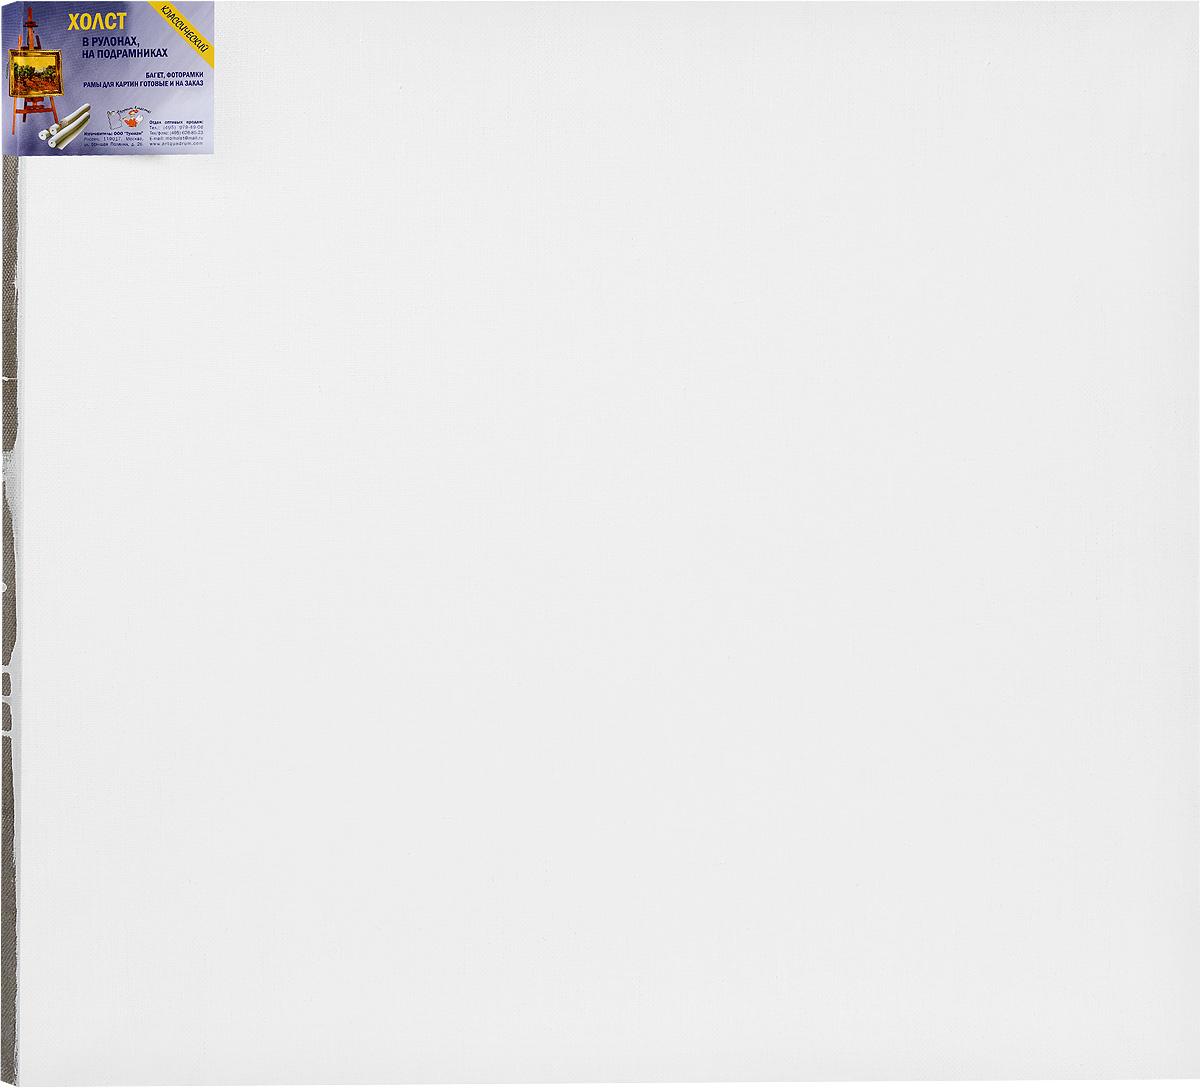 Холст ArtQuaDram Репинский на подрамнике, грунтованный, 80 х 90 смТ0003993Холст на деревянном подрамнике ArtQuaDram Репинский изготовлен из 100% натурального льна. Подходит для профессионалов и художников. Холст не трескается, не впитывает слишком много краски, цвет краски и качество не изменяются. Холст идеально подходит для масляной и акриловой живописи.